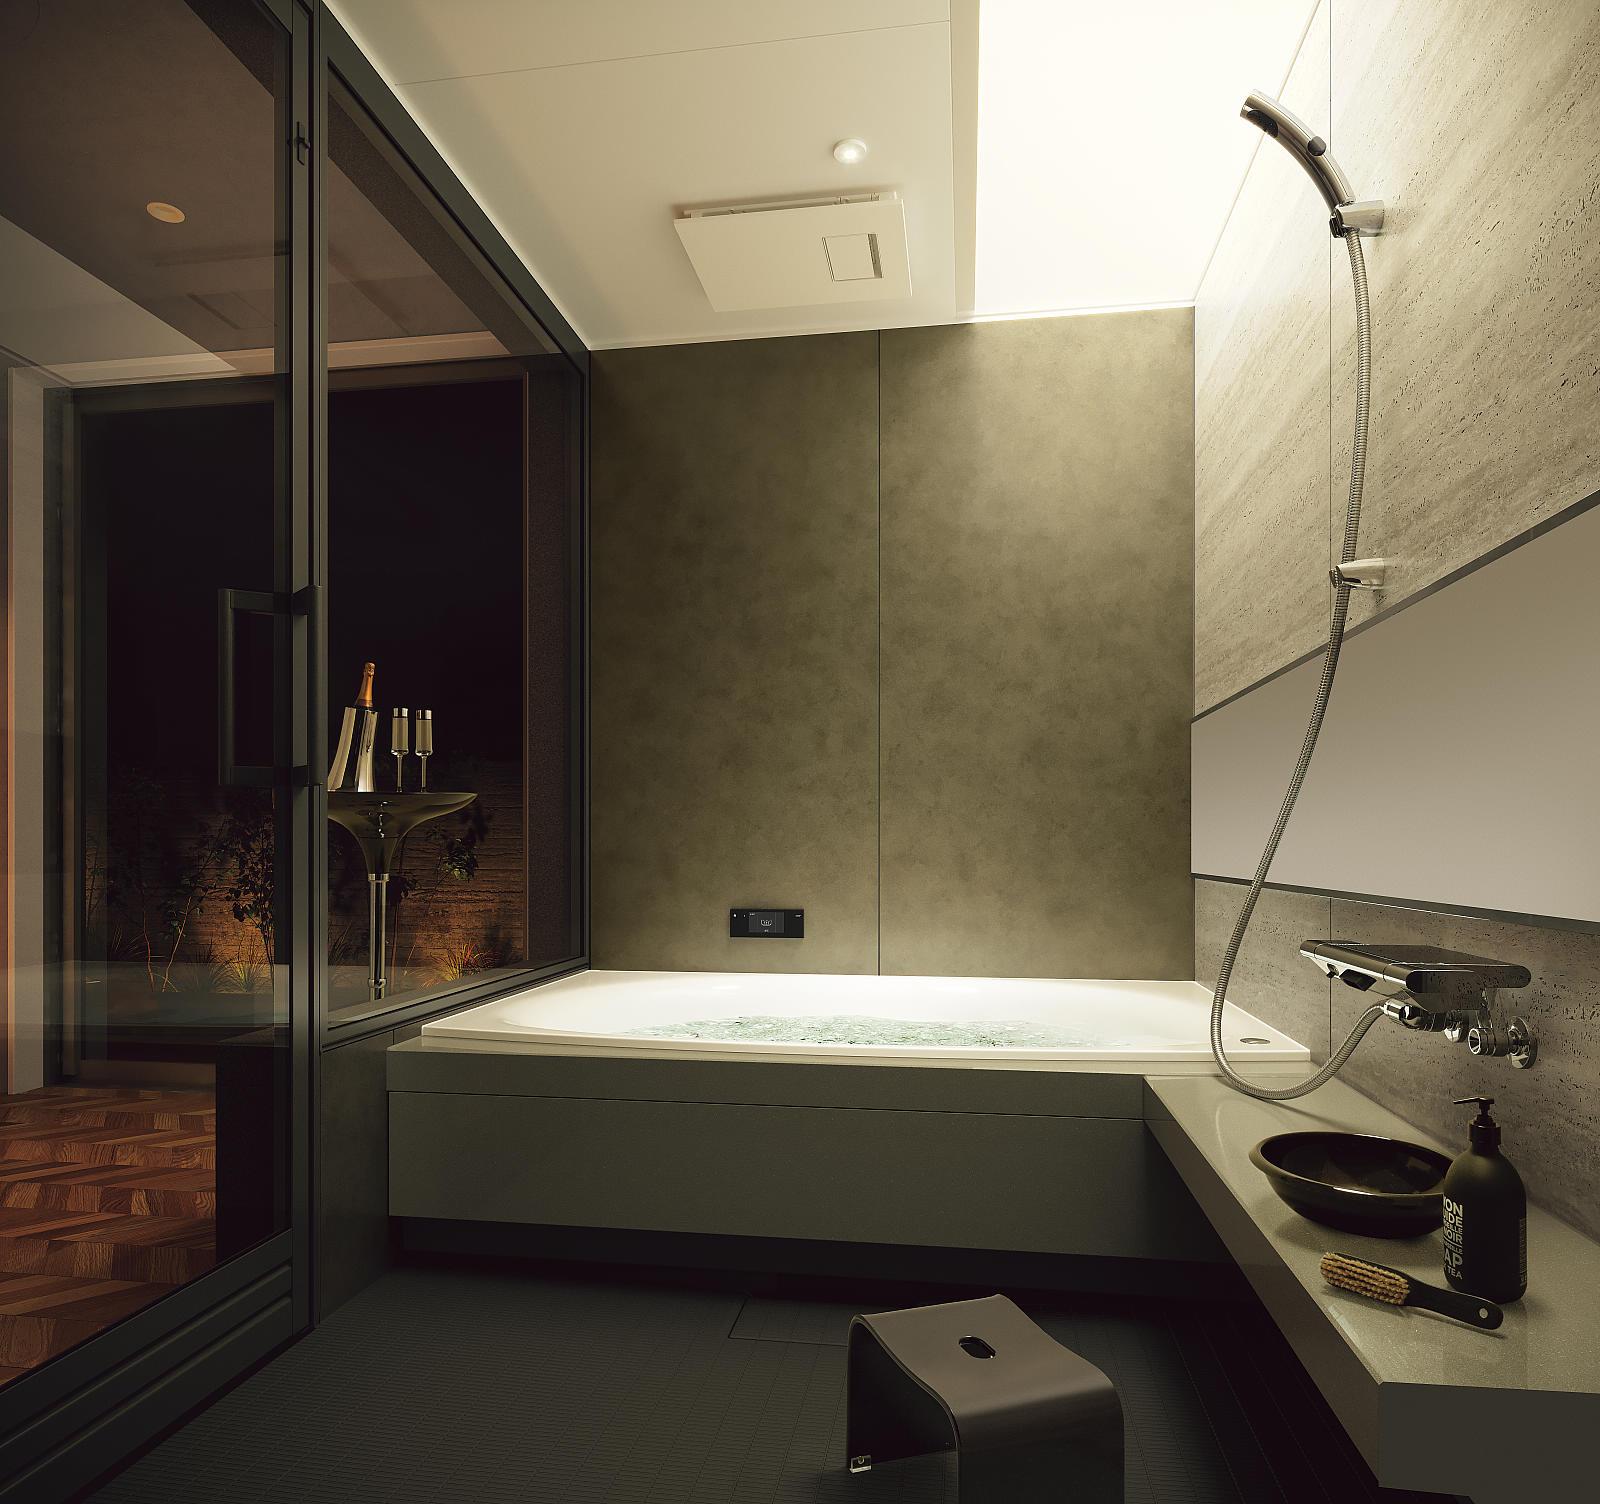 パナソニック バスルーム:水盤照明のイメージ画像①